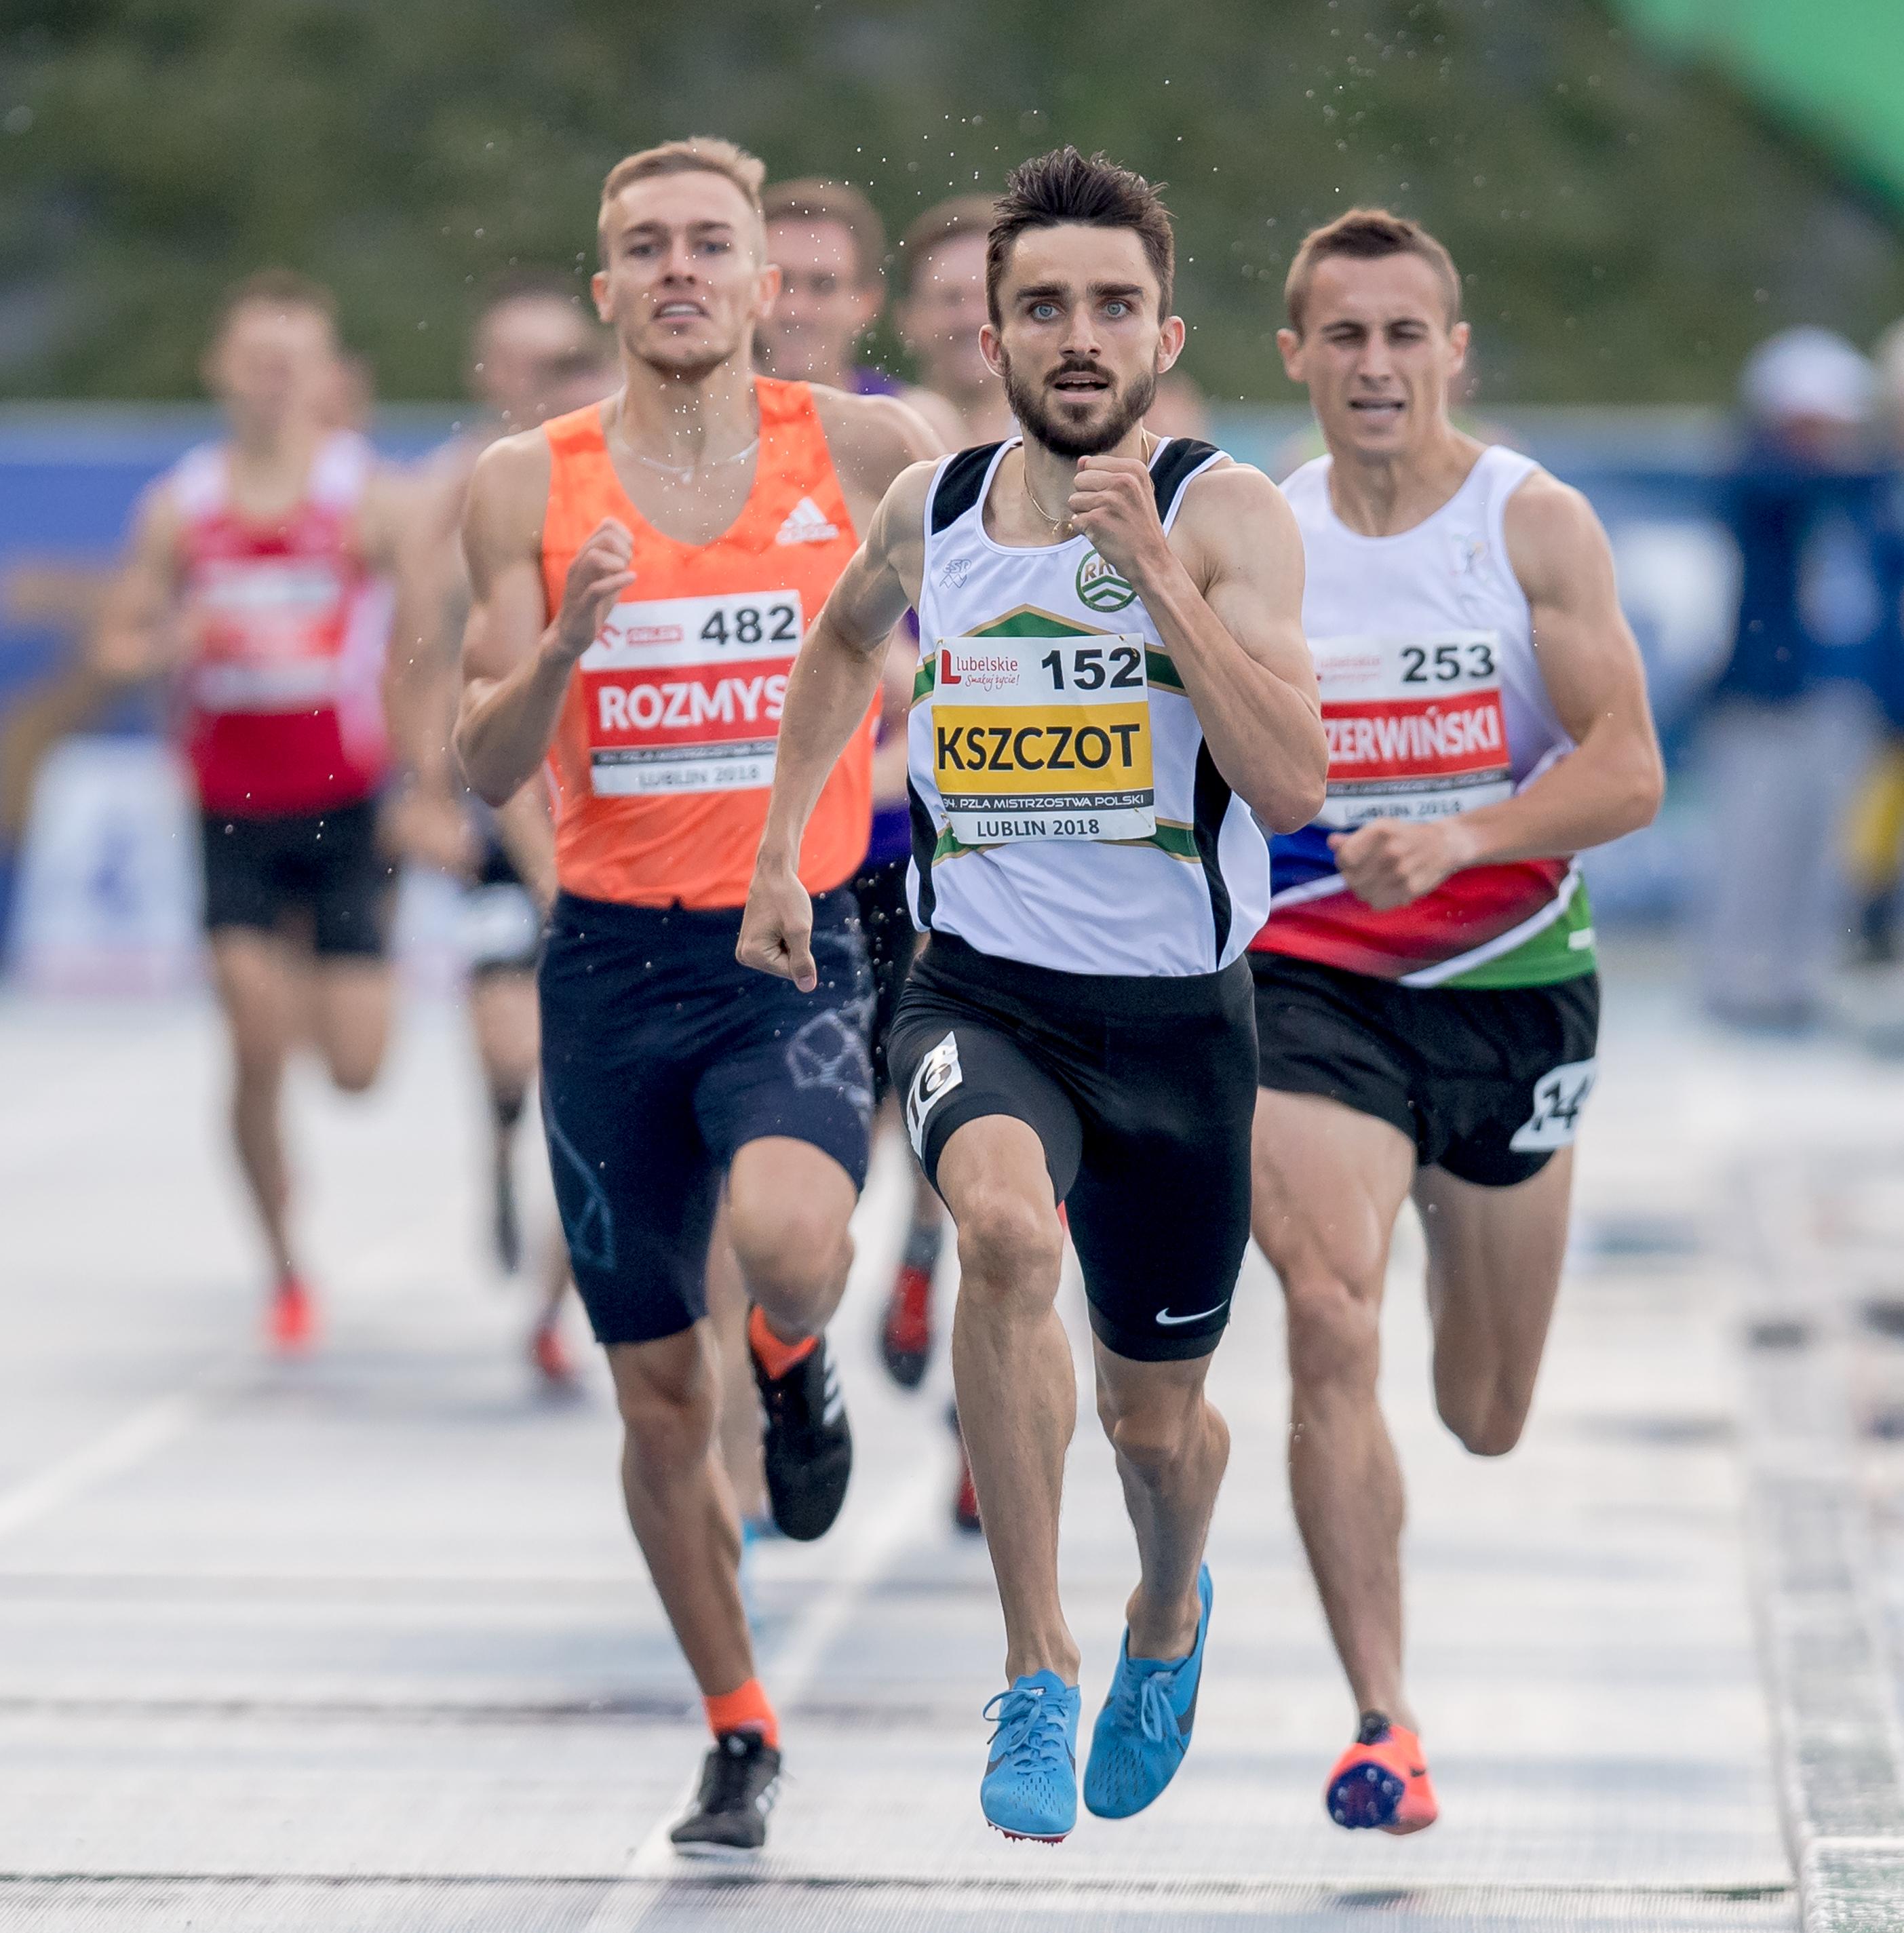 94 Mistrzostwa Polski Seniorow. Lekkoatletyka. Lublin 2018.07.20